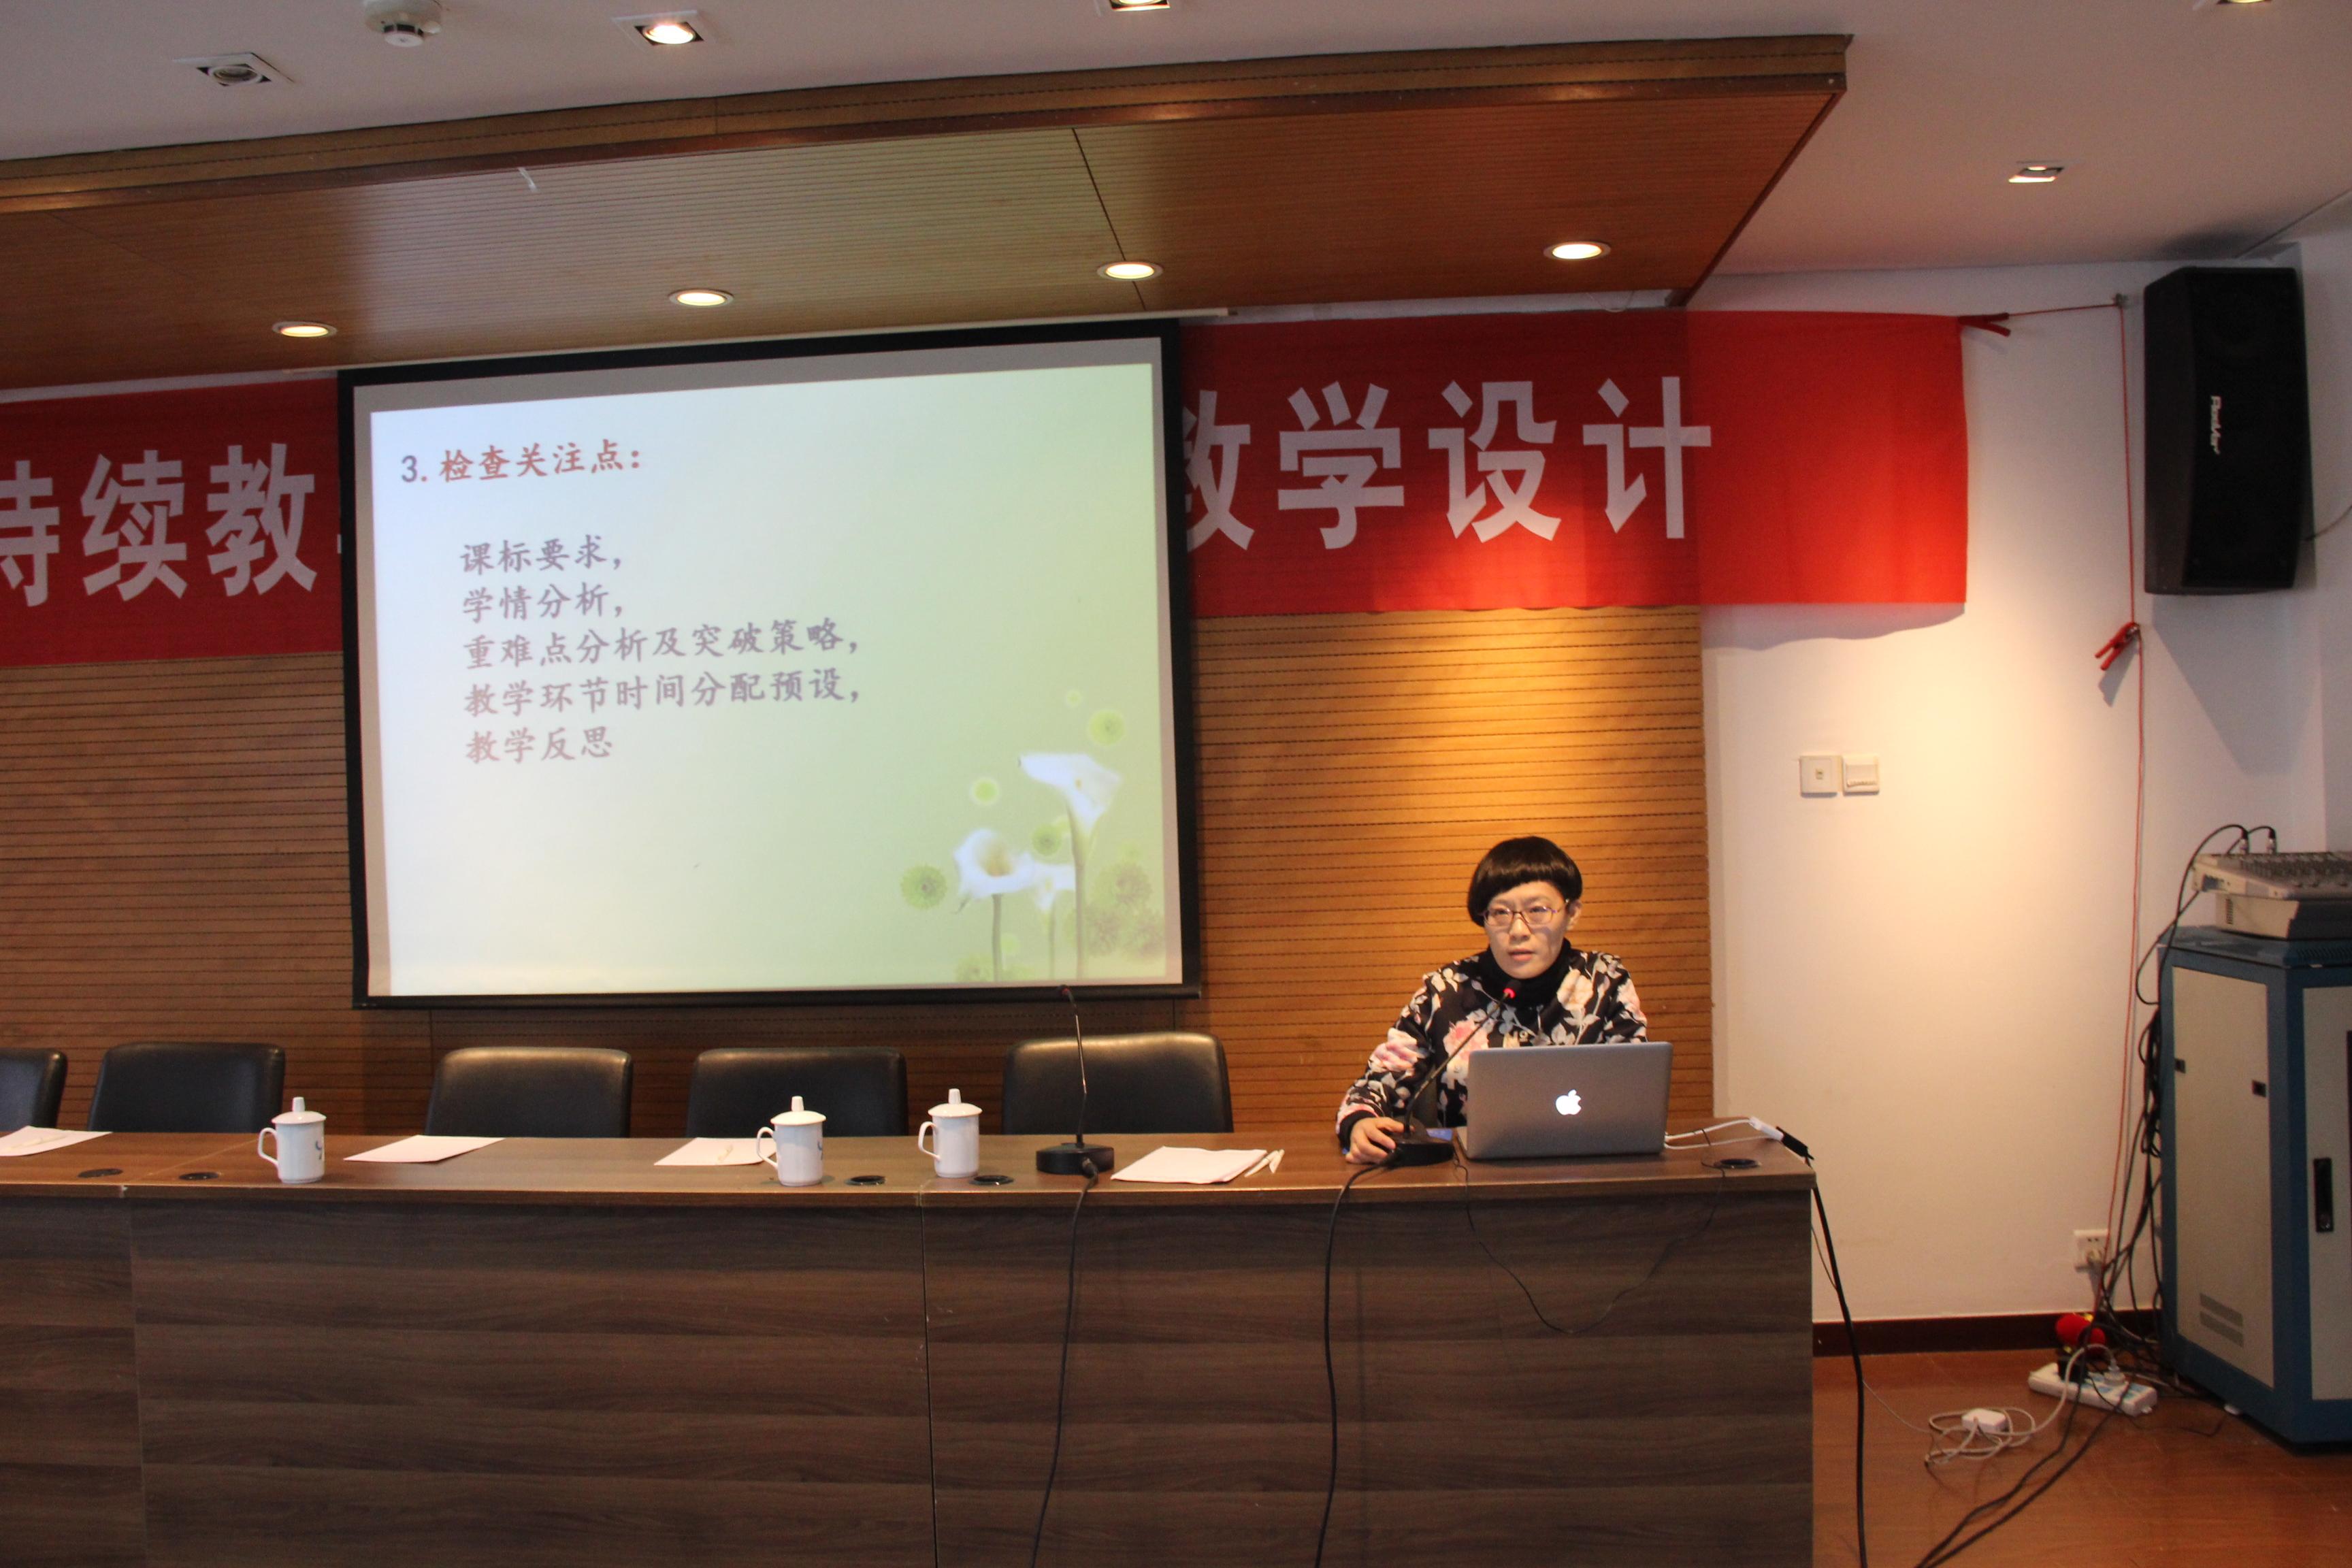 垂杨柳校区教学主任杨毅波主持期其中教学检查反馈会议.jpg